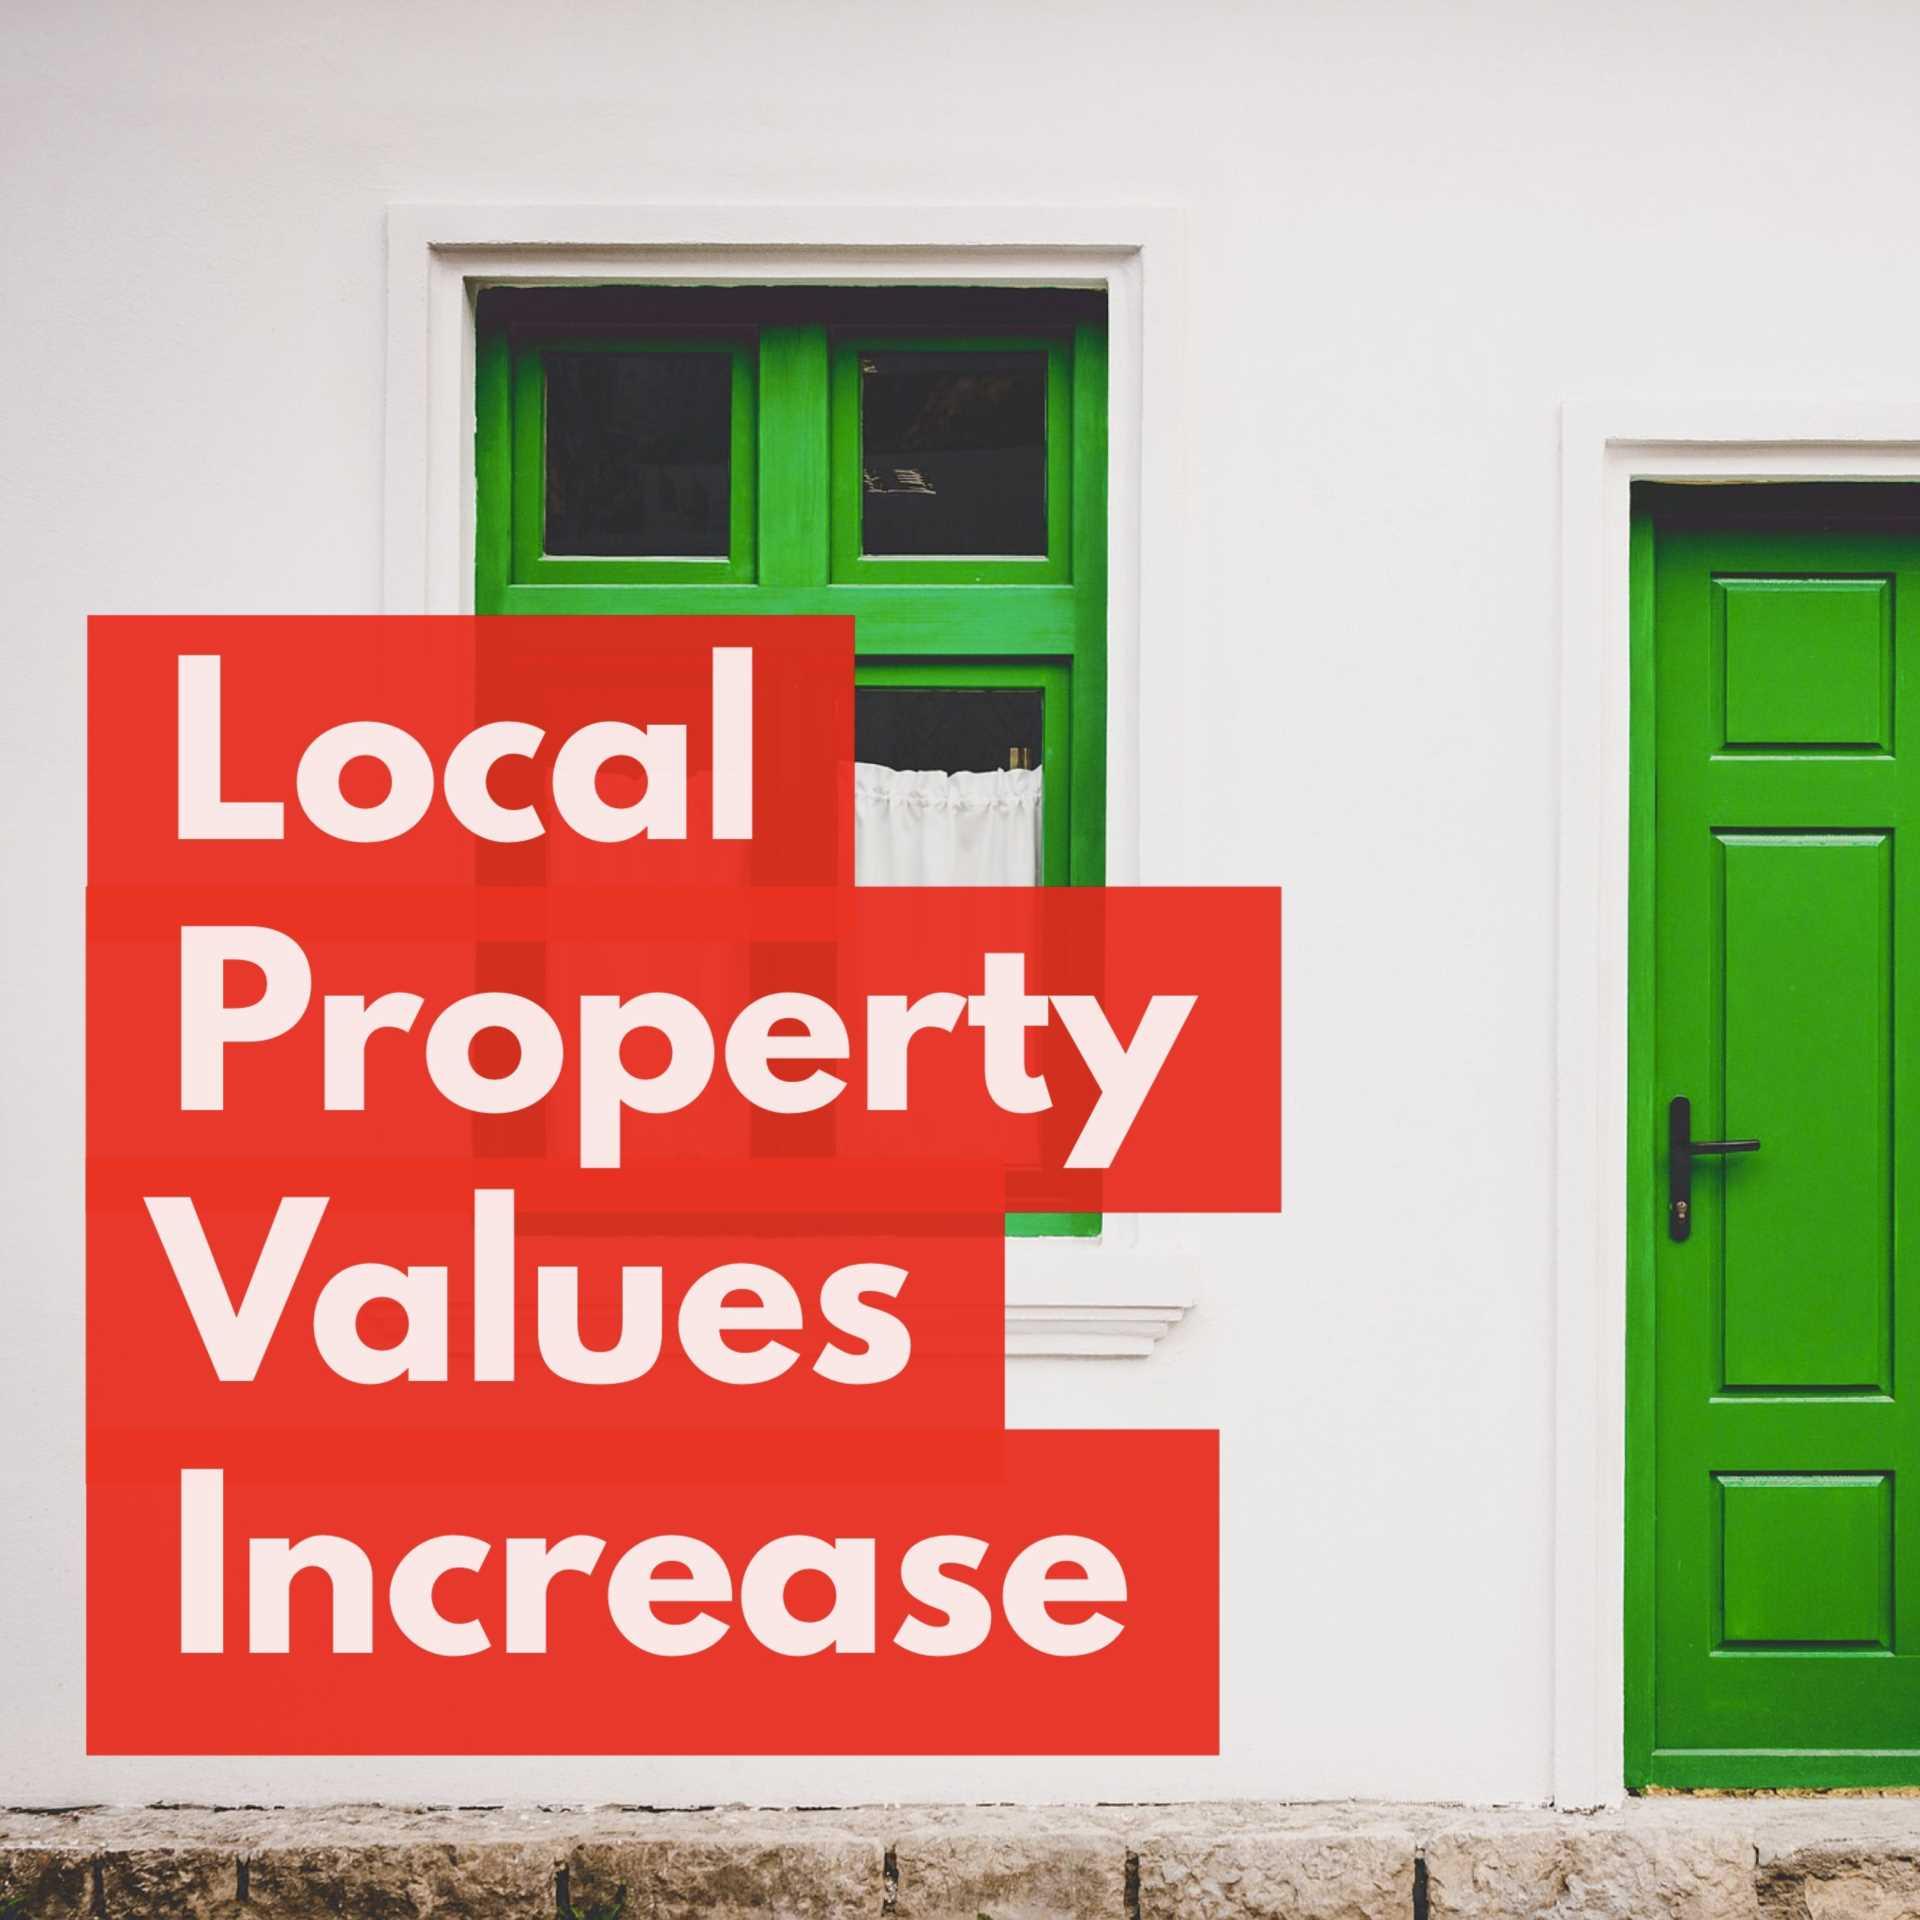 Value of Worthing Property Market rises £40.9m